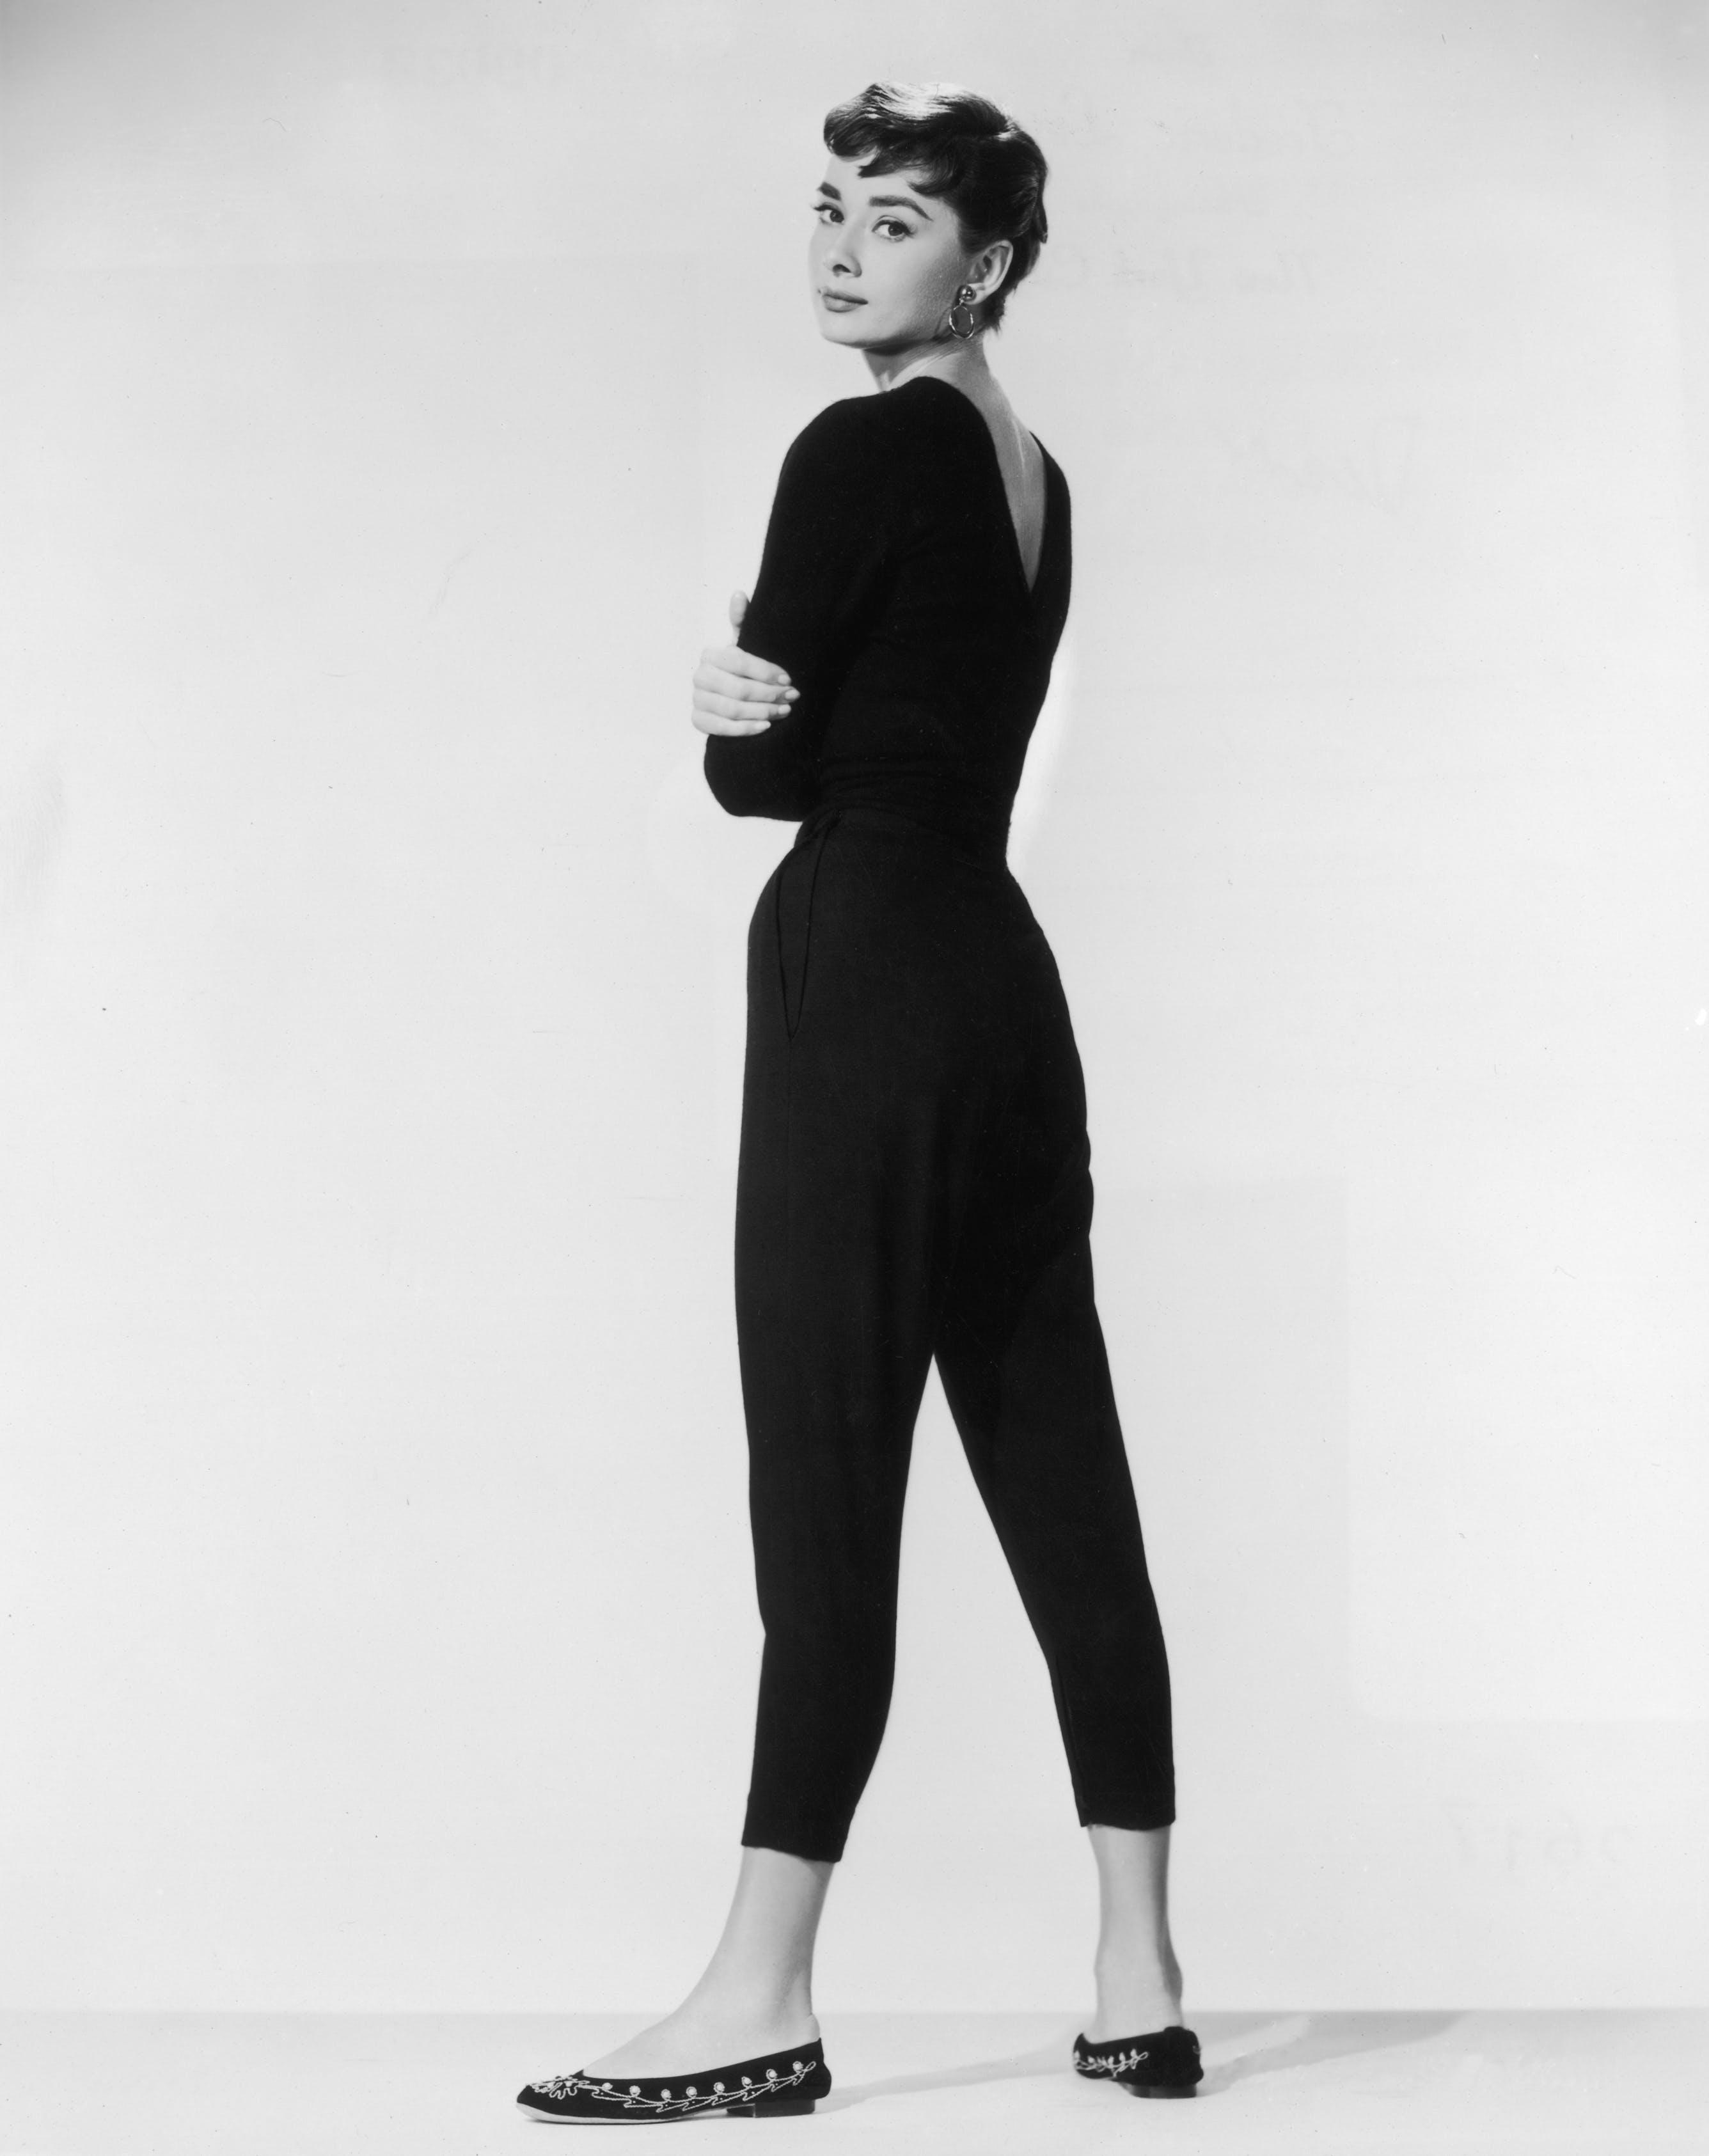 Lo stile di Audrey Hepburn: quali sono le ballerine più belle